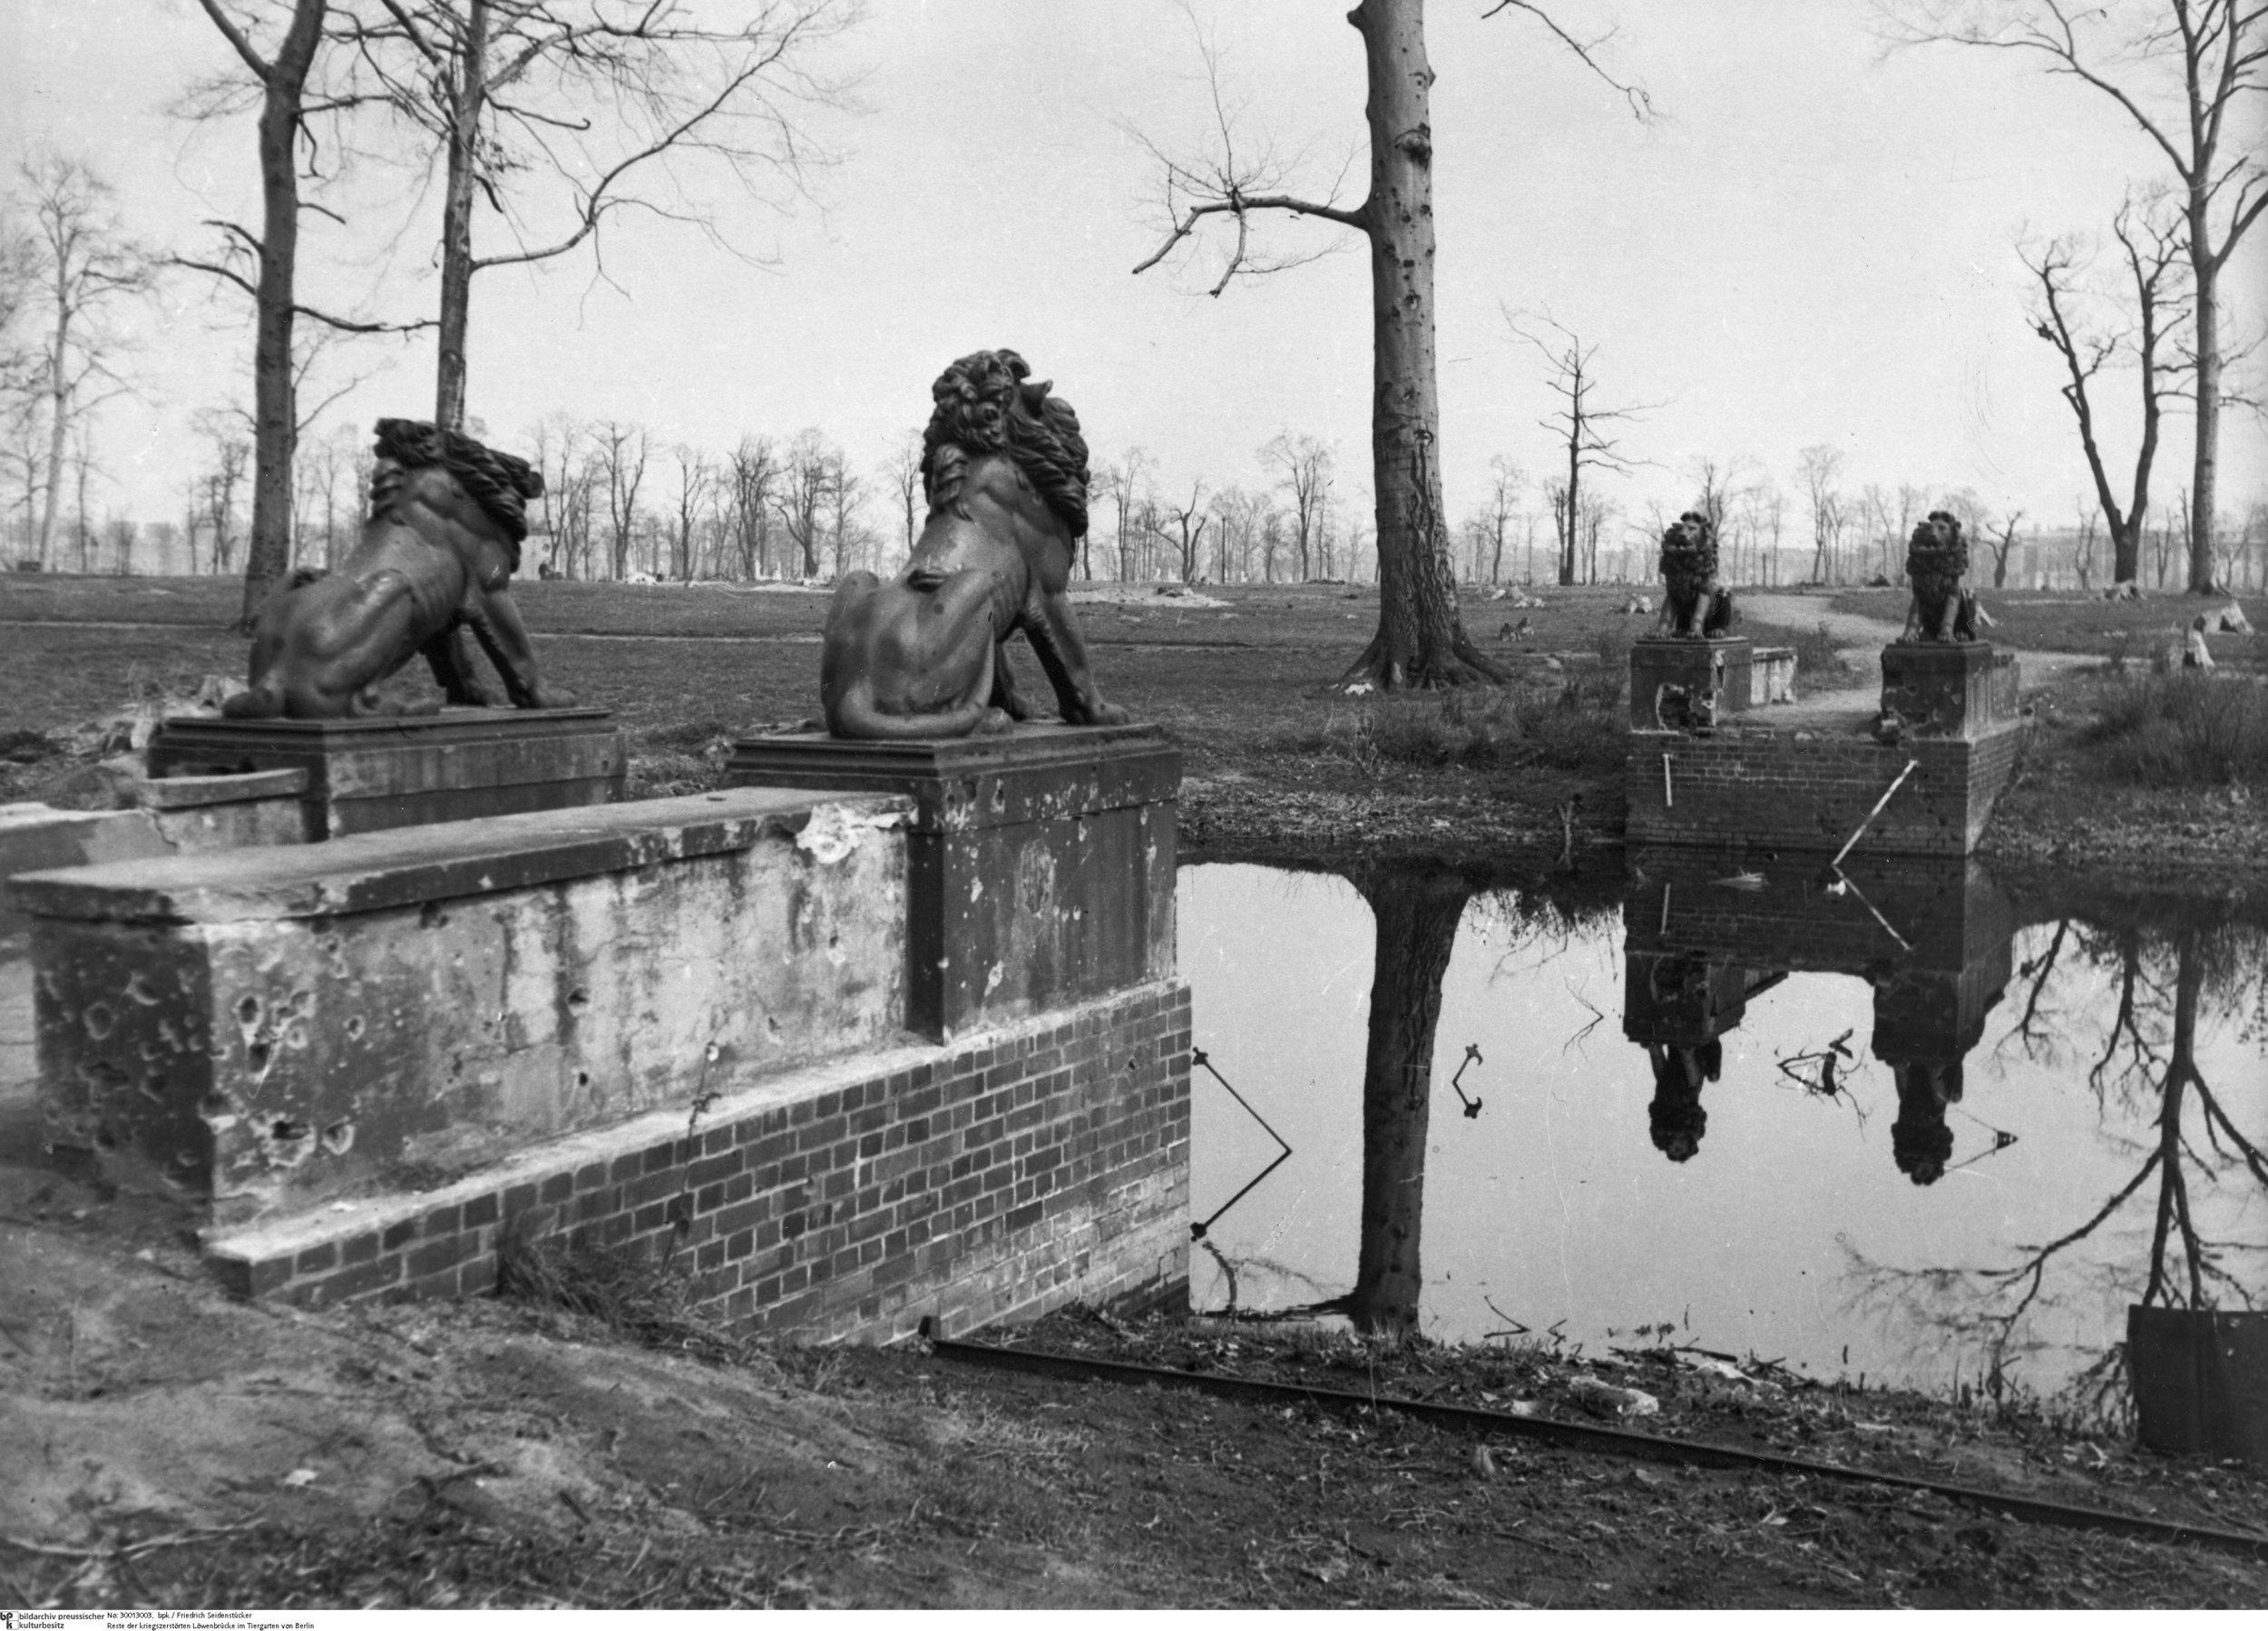 Friedrich Seidenstücker, Reste der kriegzerstörten Löwenbrücke im Tiergarten von Berlin, 1946. bpk, Berlin.